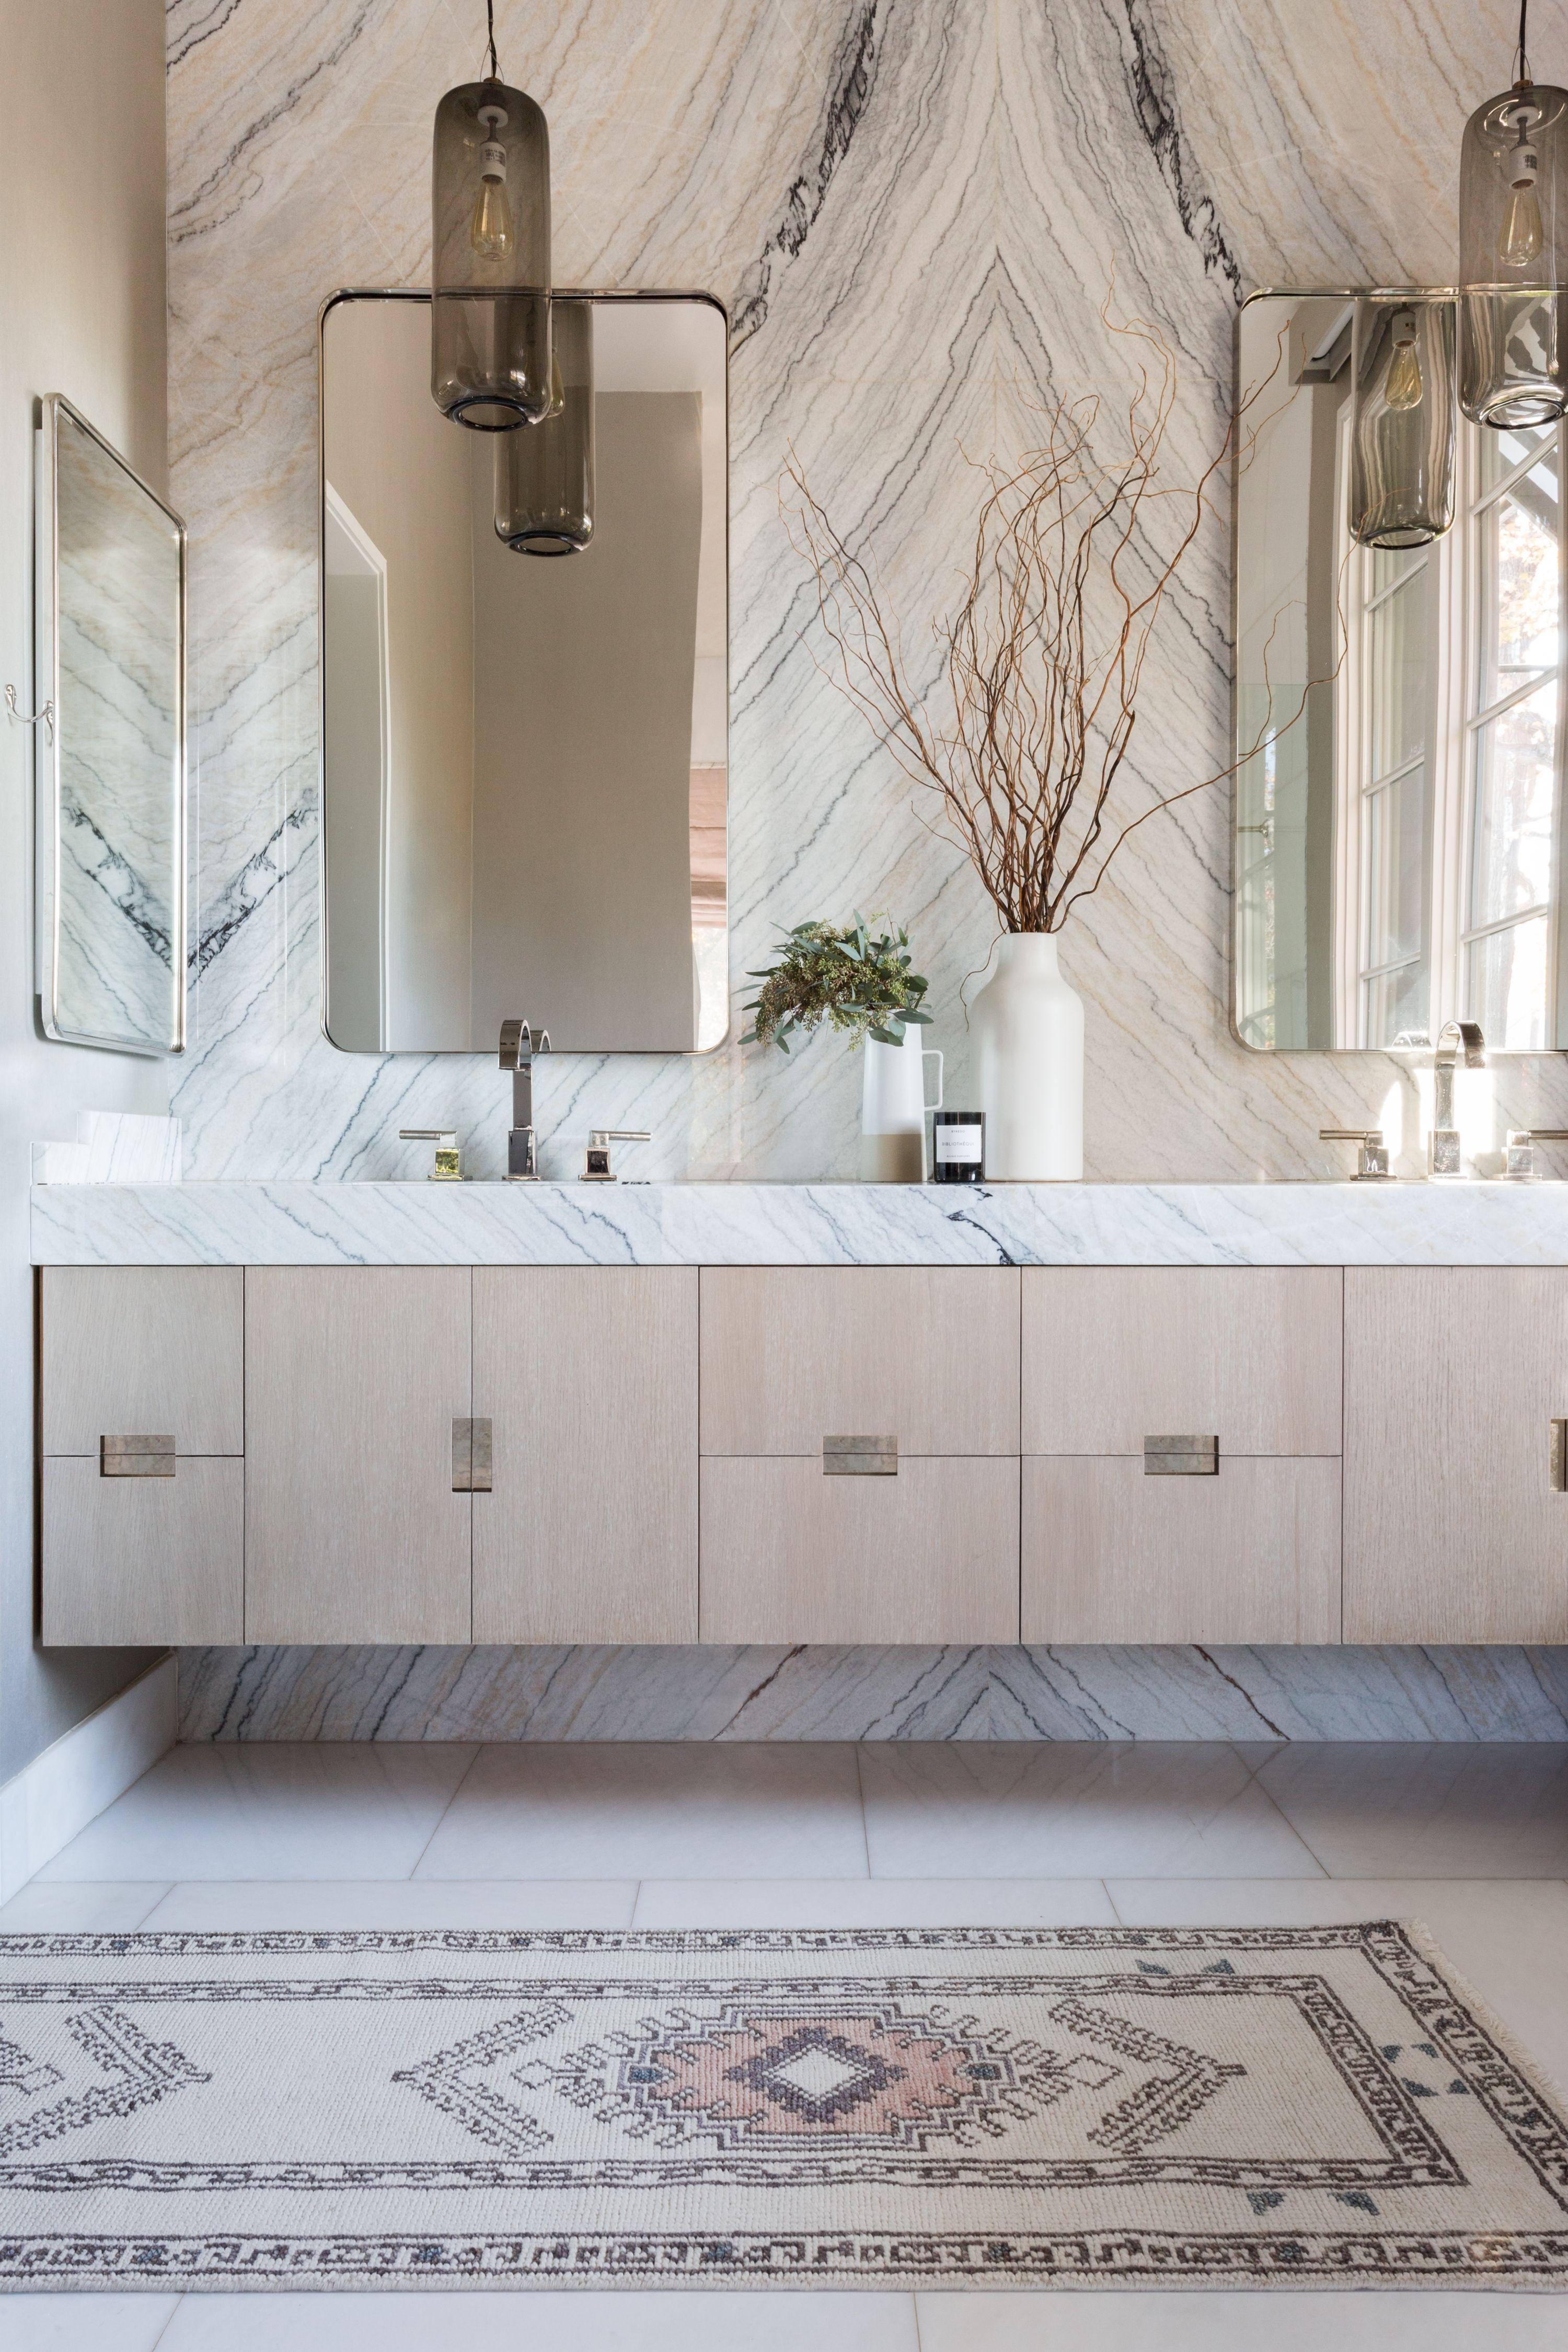 Zehra Rug In 2020 Bathroom Styling Bathroom Interior Bathroom Interior Design